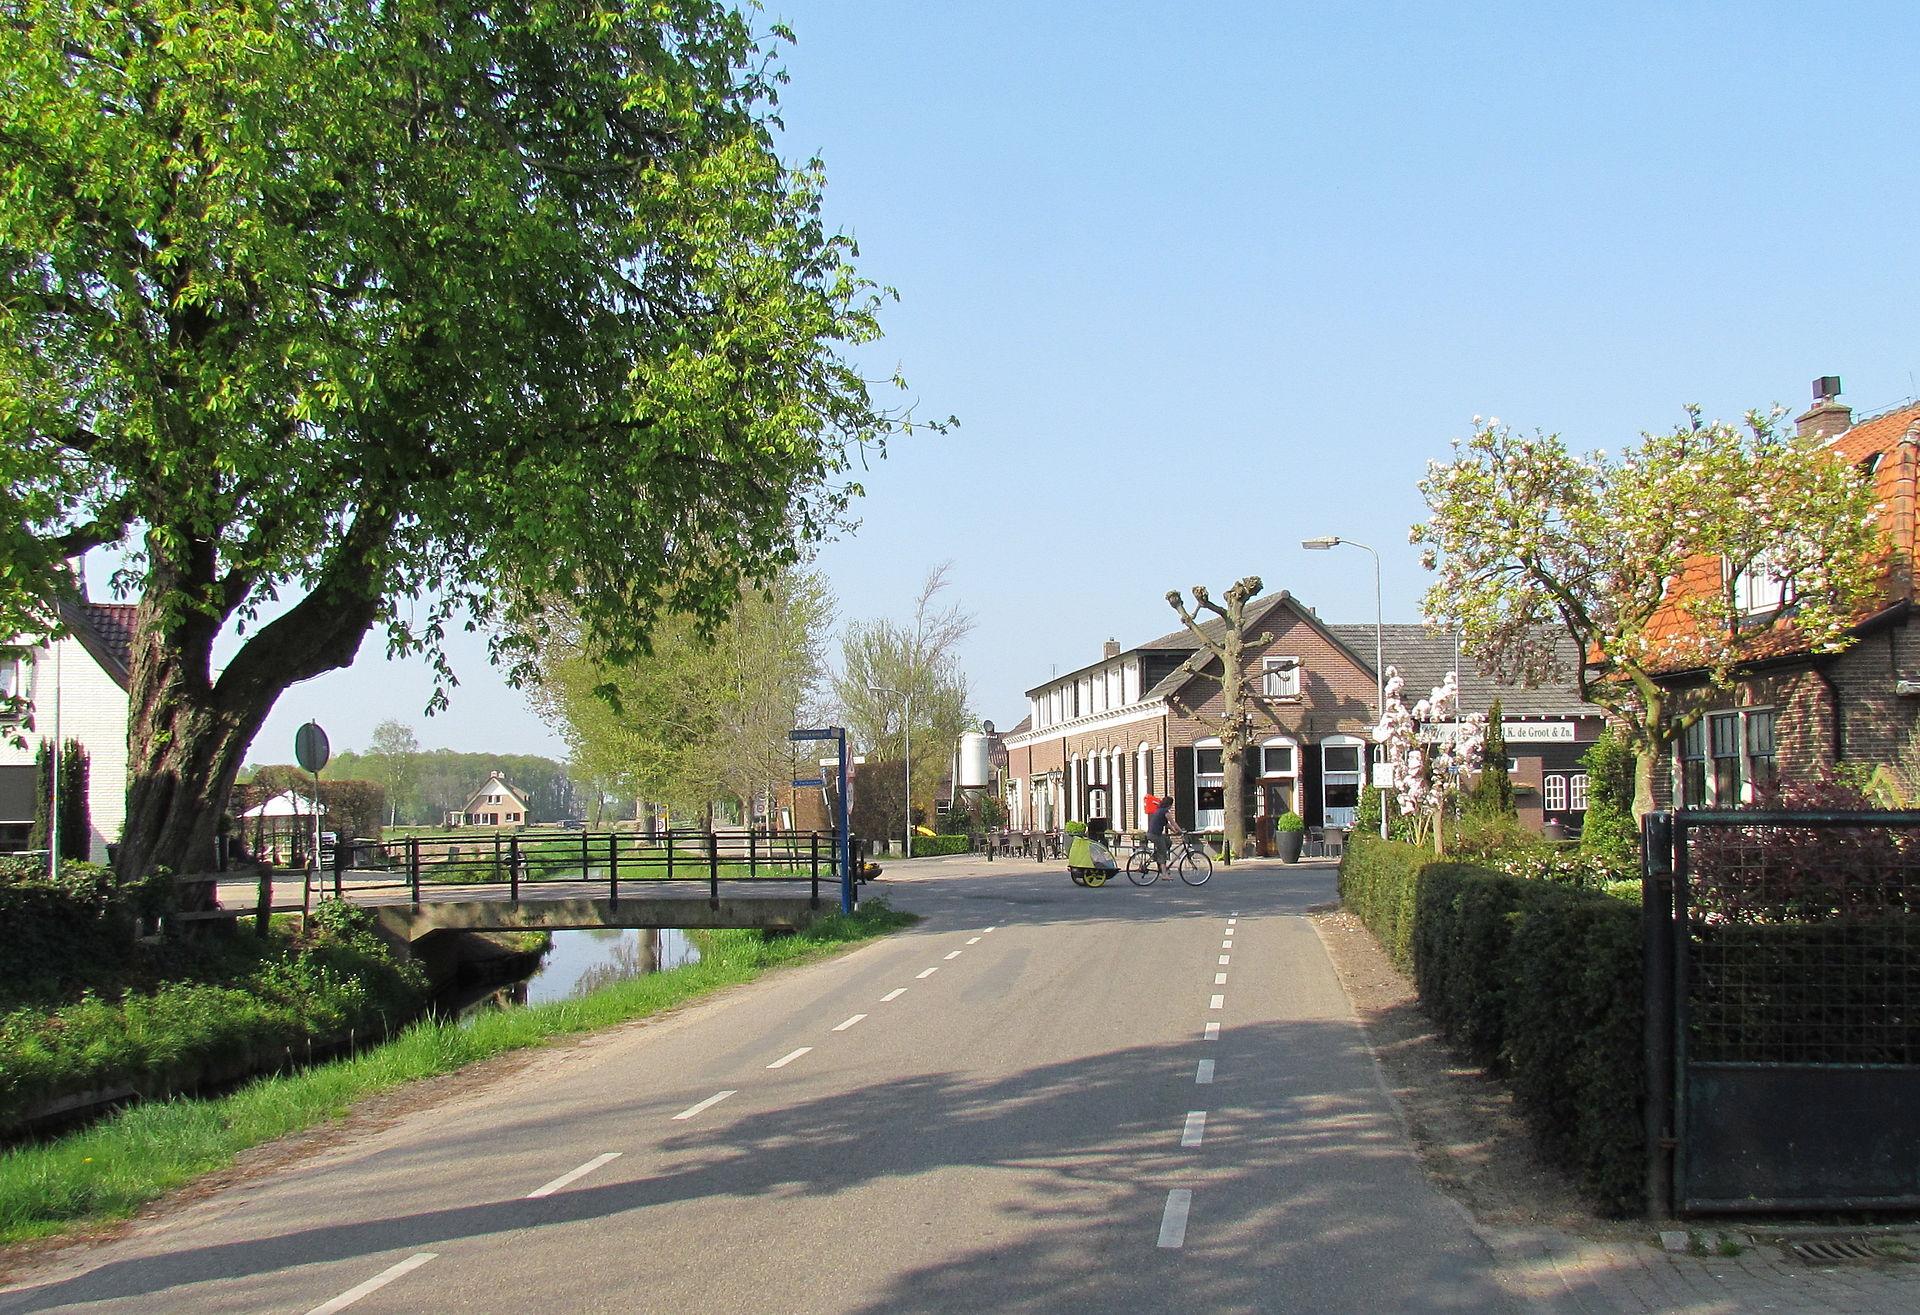 thuisontvangst gelderland body 2 body amsterdam